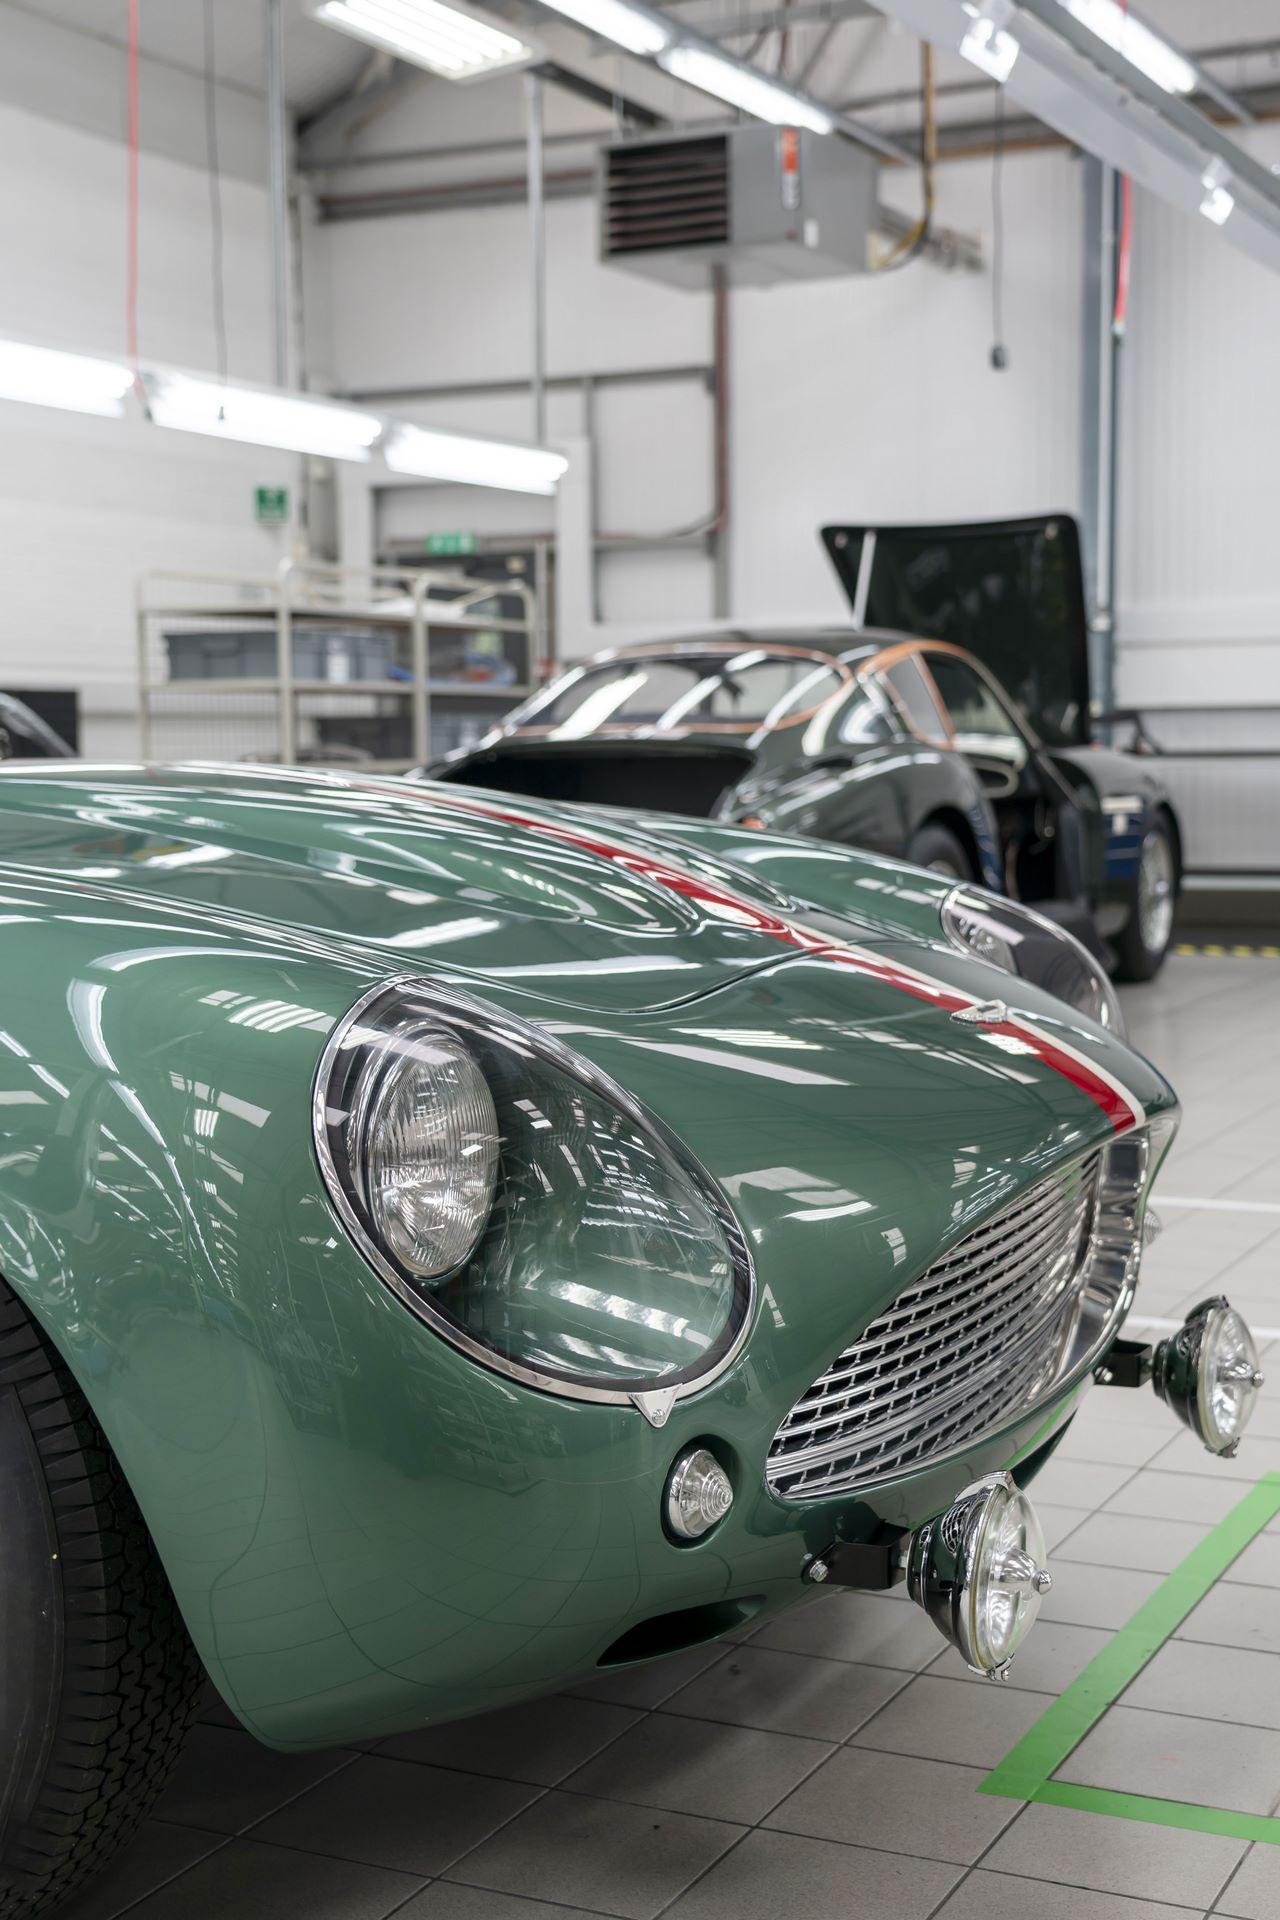 Aston-Martin-DB4-GT-Zagato-Continuation-first-delivery-21